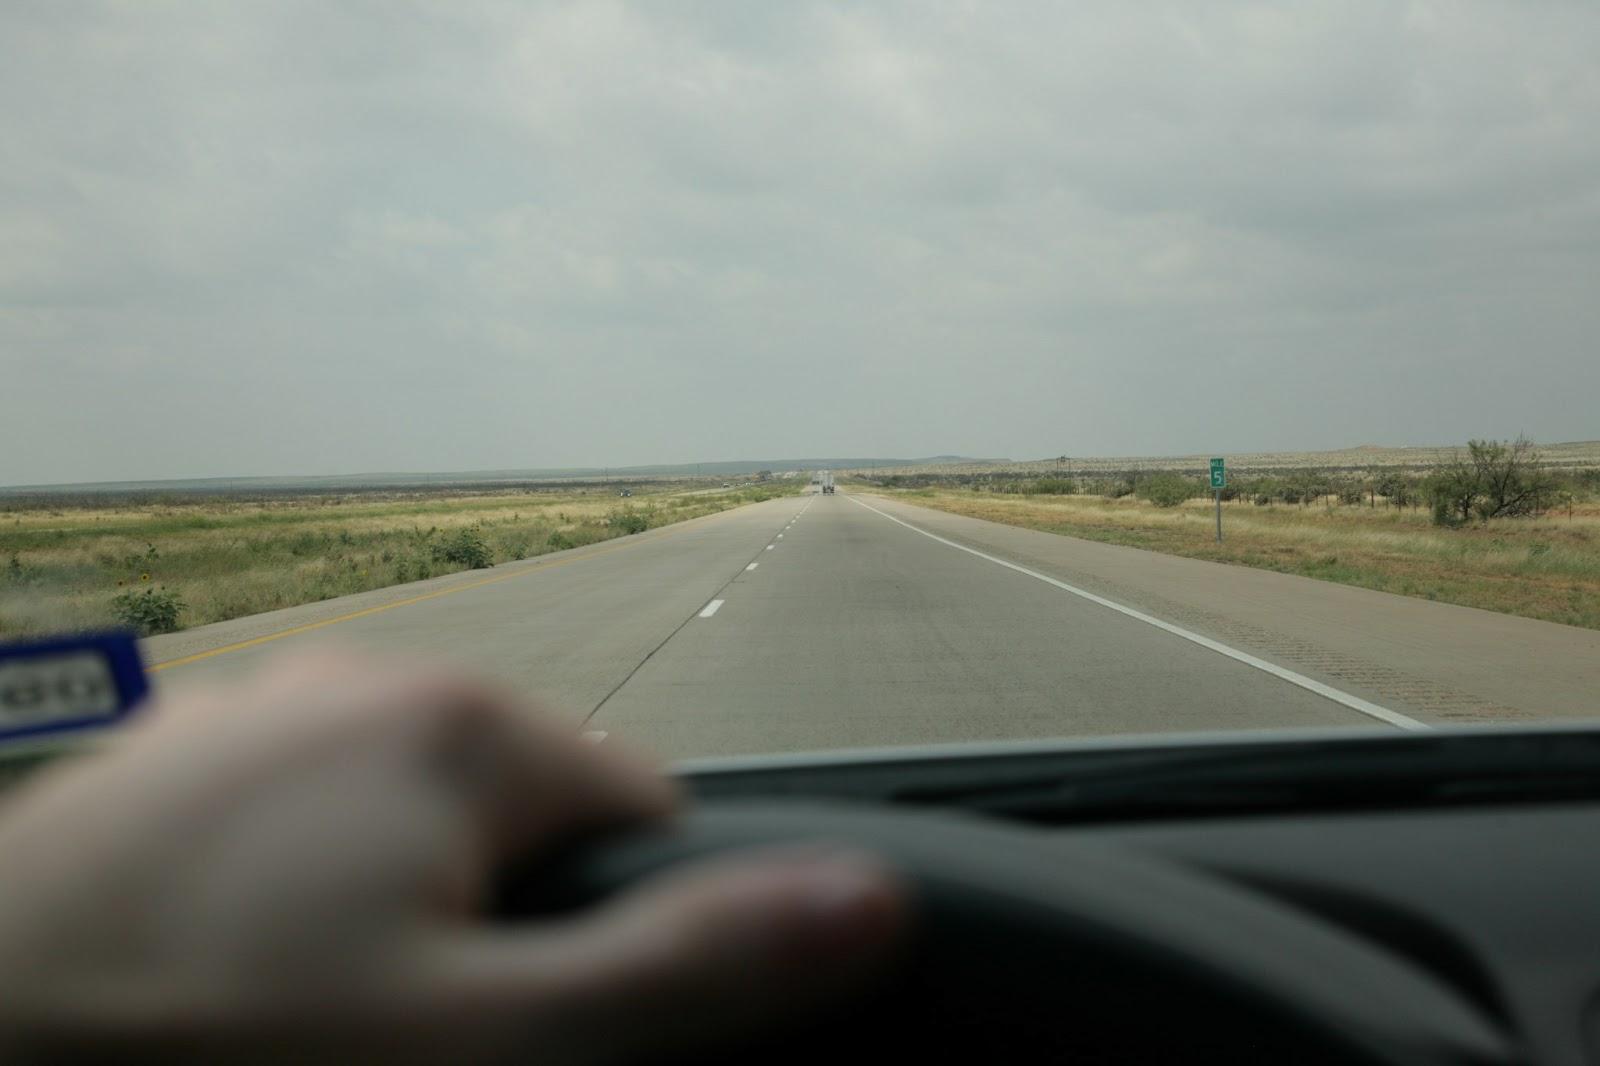 New Mexico Texas border